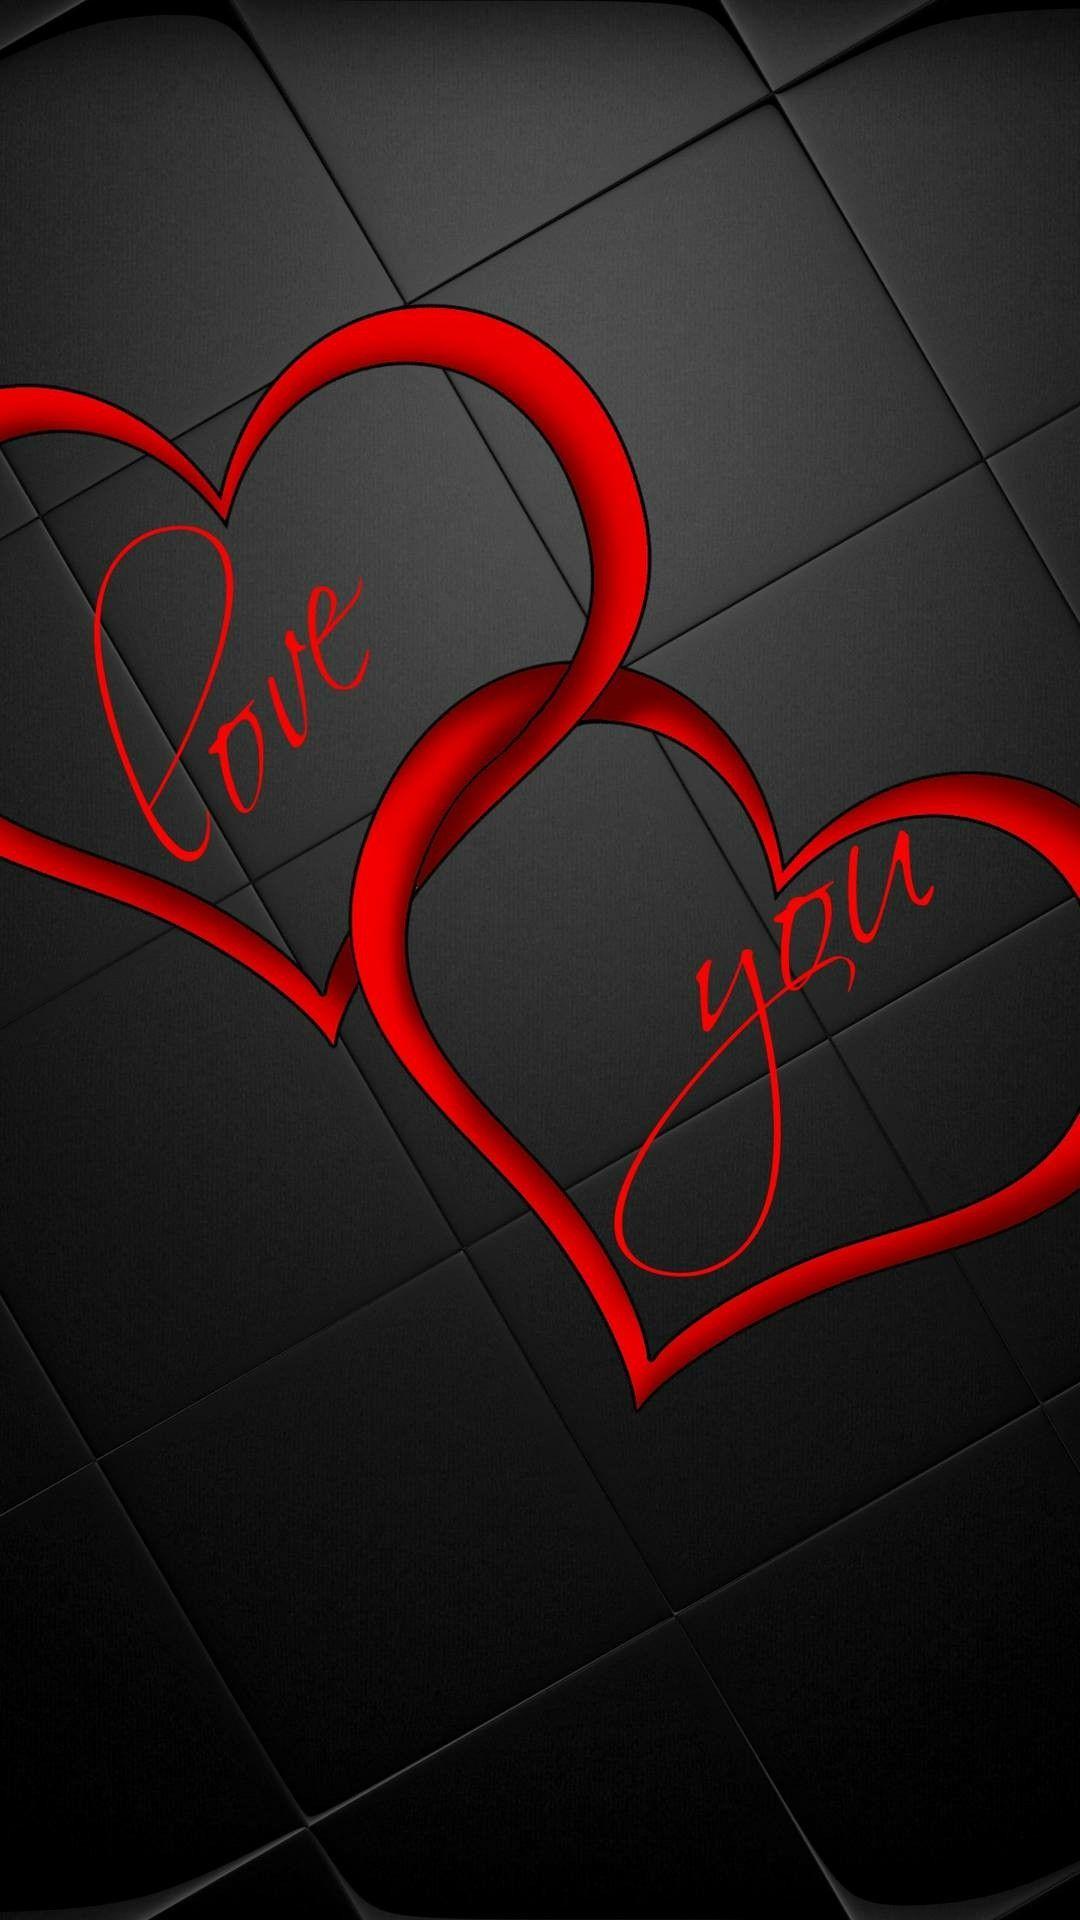 Love u hearts